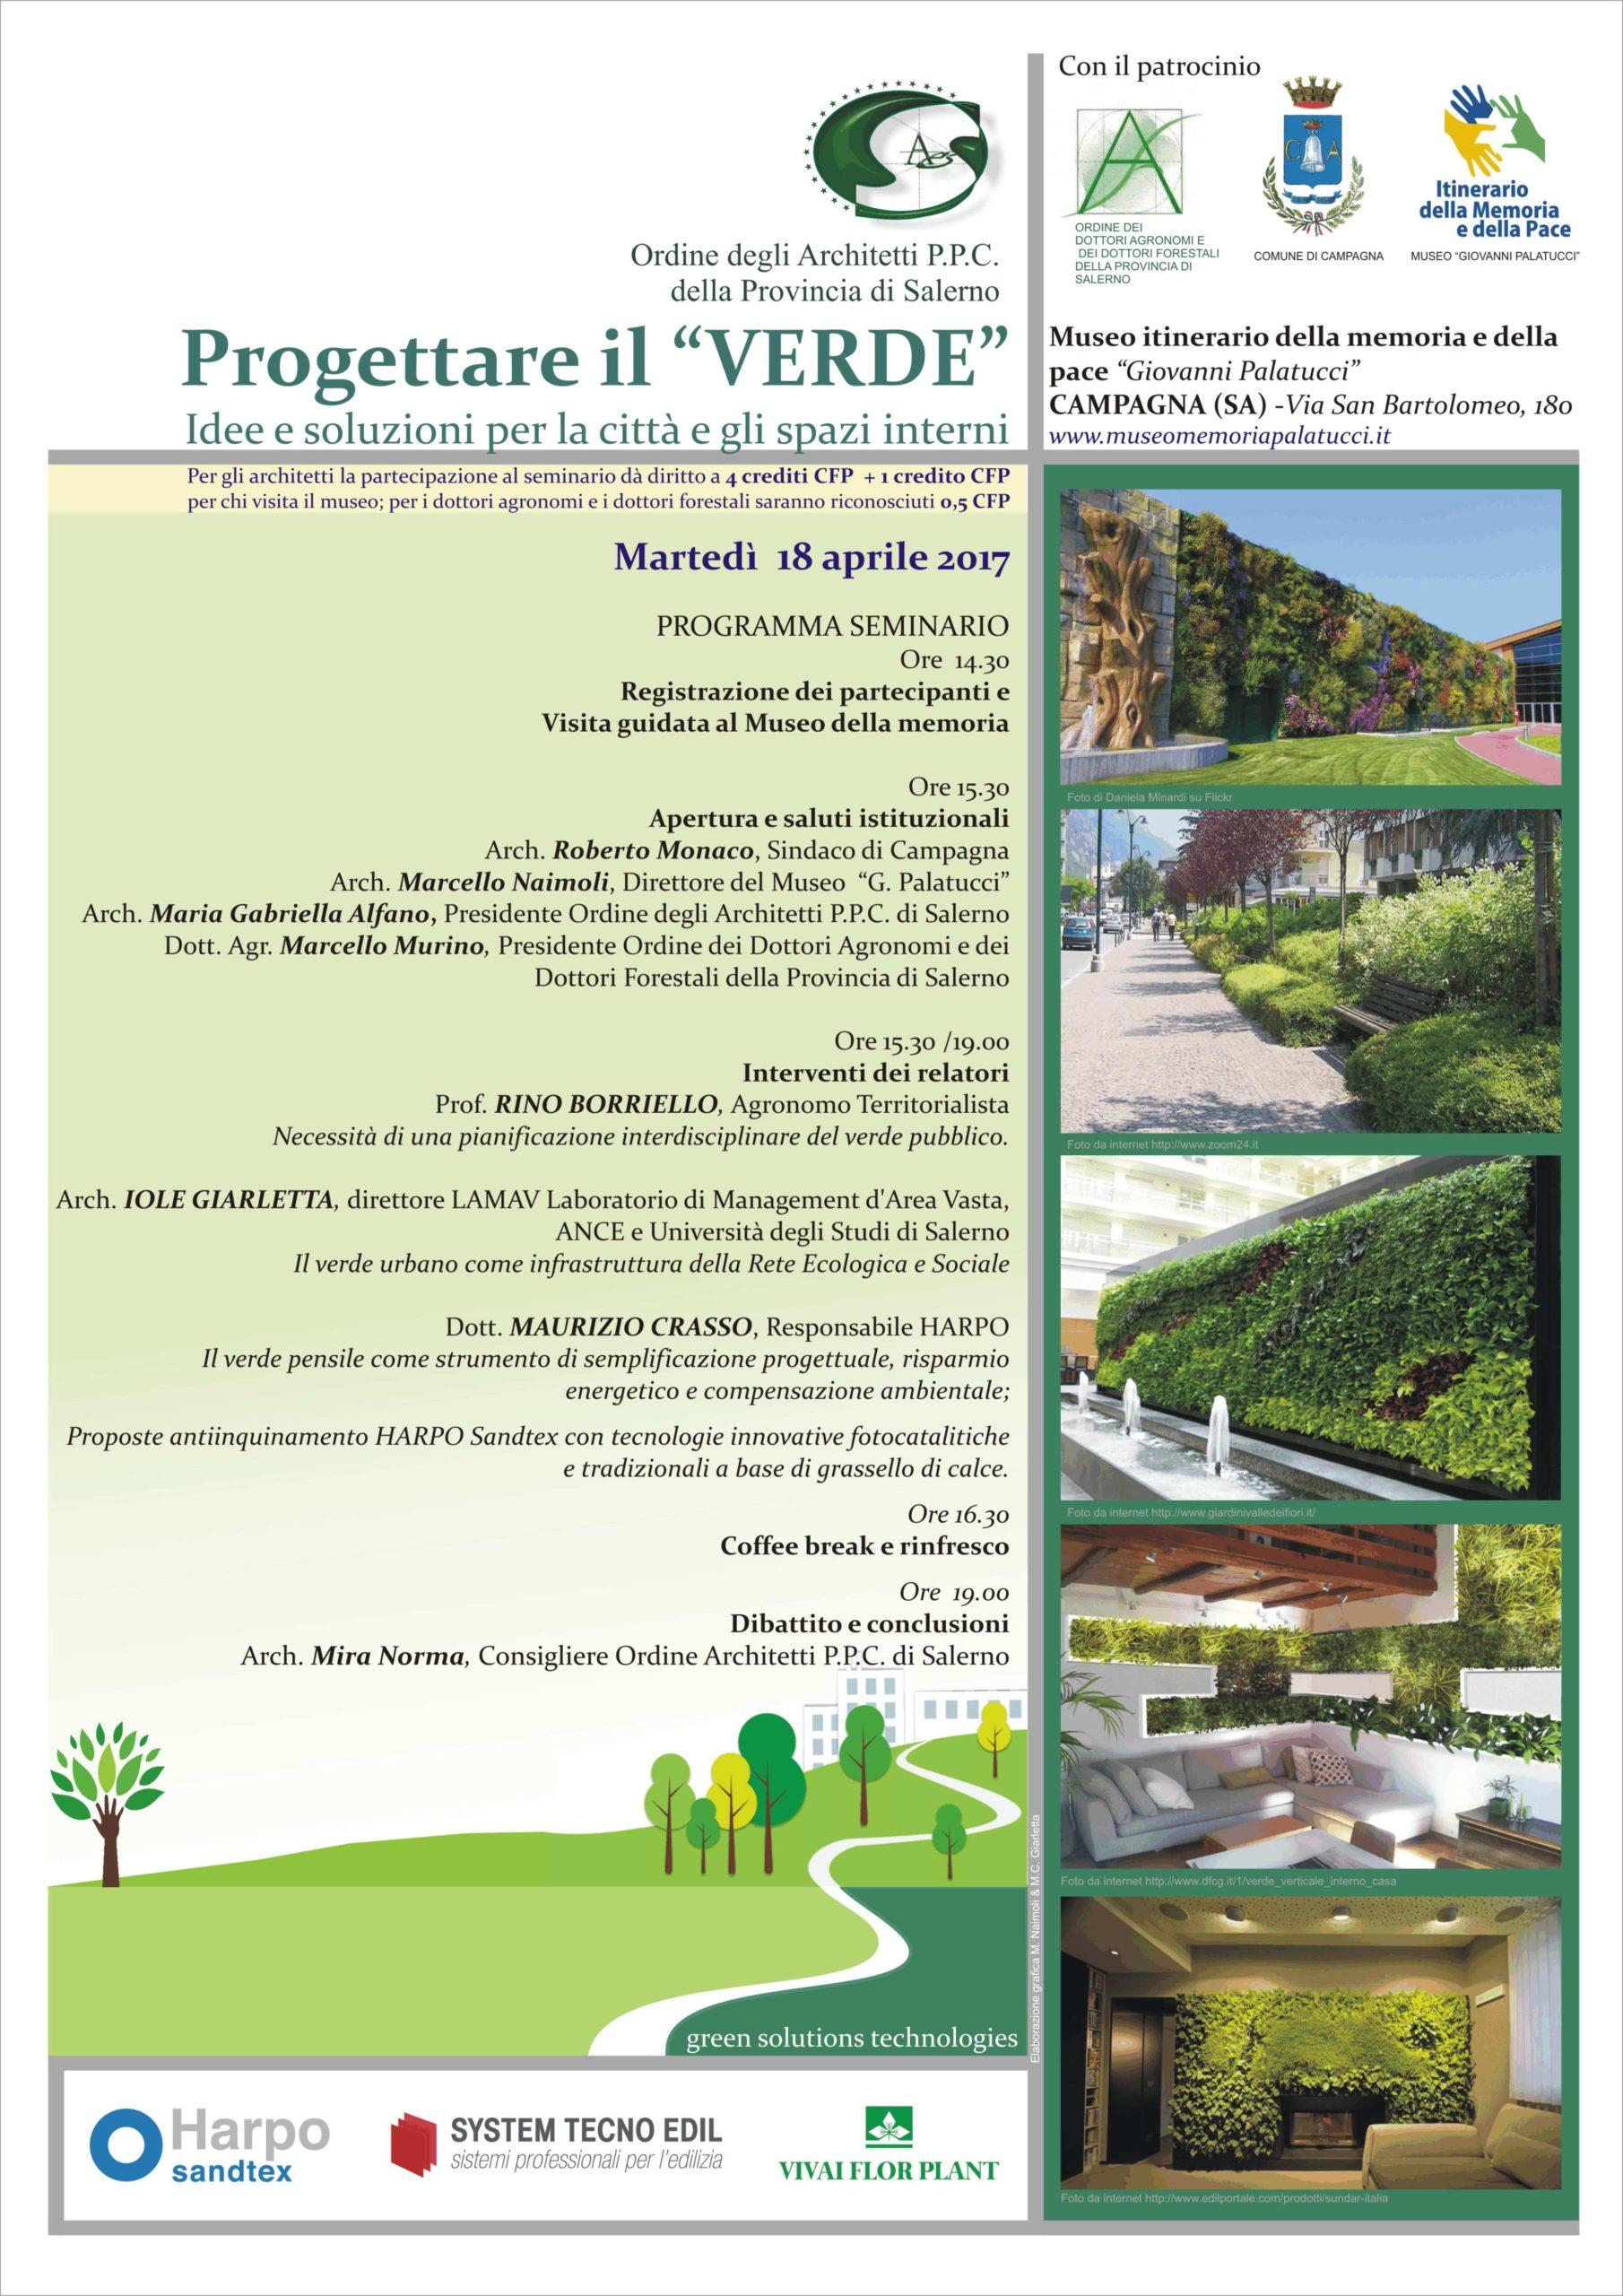 Workshop organizzato con l'Ordine degli Architetti di Salerno – Aprile 2017